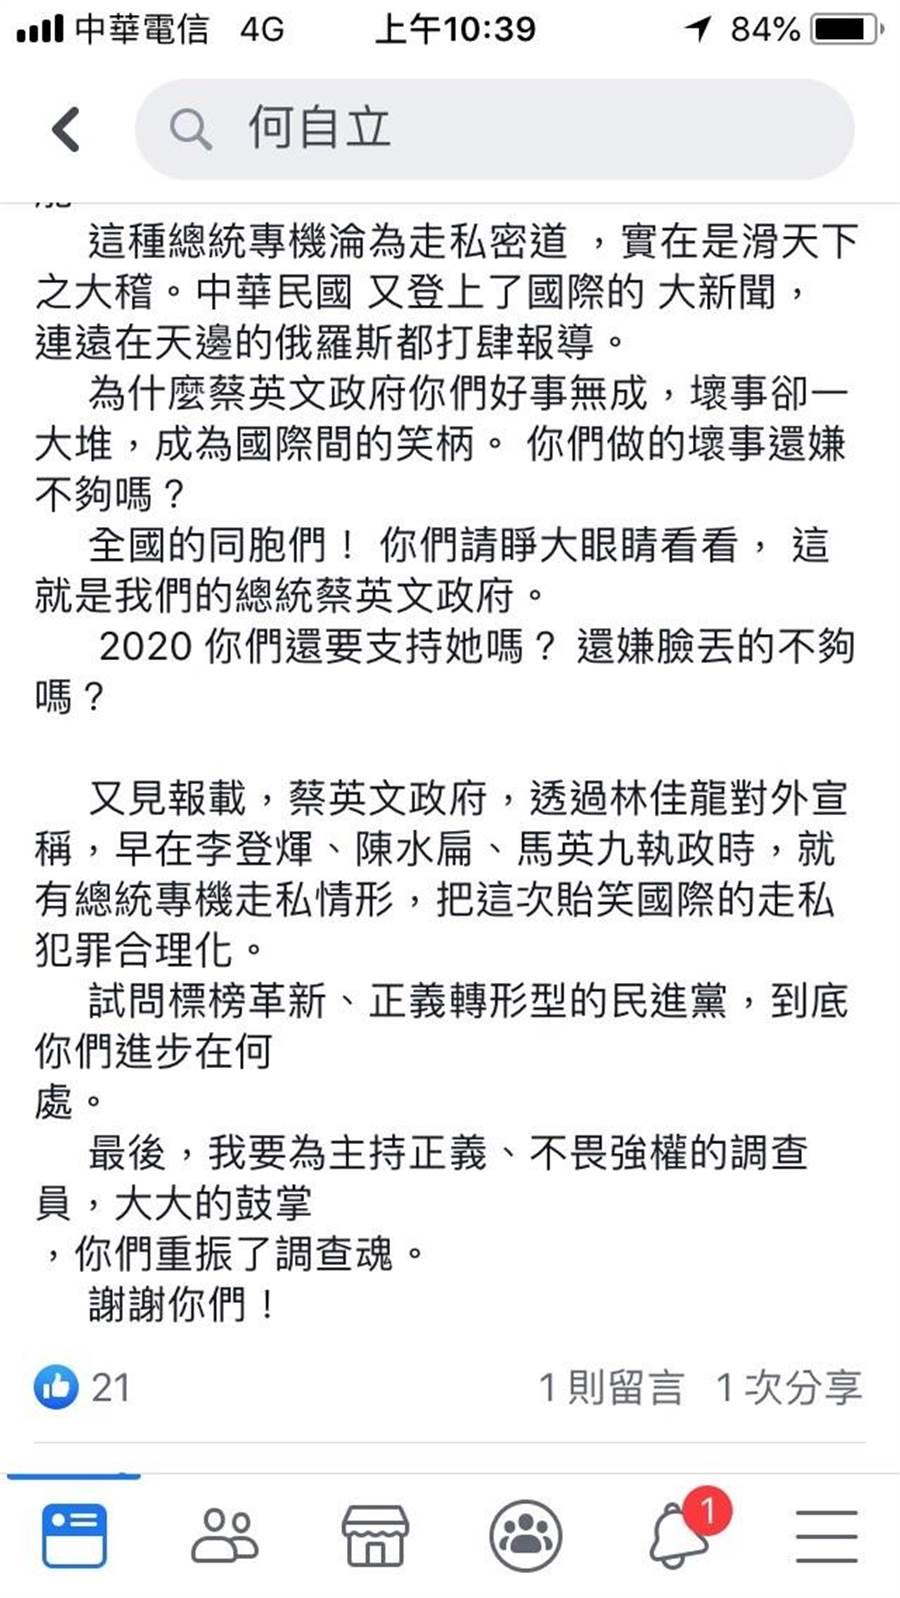 何自立臉書發文痛批總統專機淪為走私密道真確顯了蔡英文的無能。(翻攝何自立臉書)